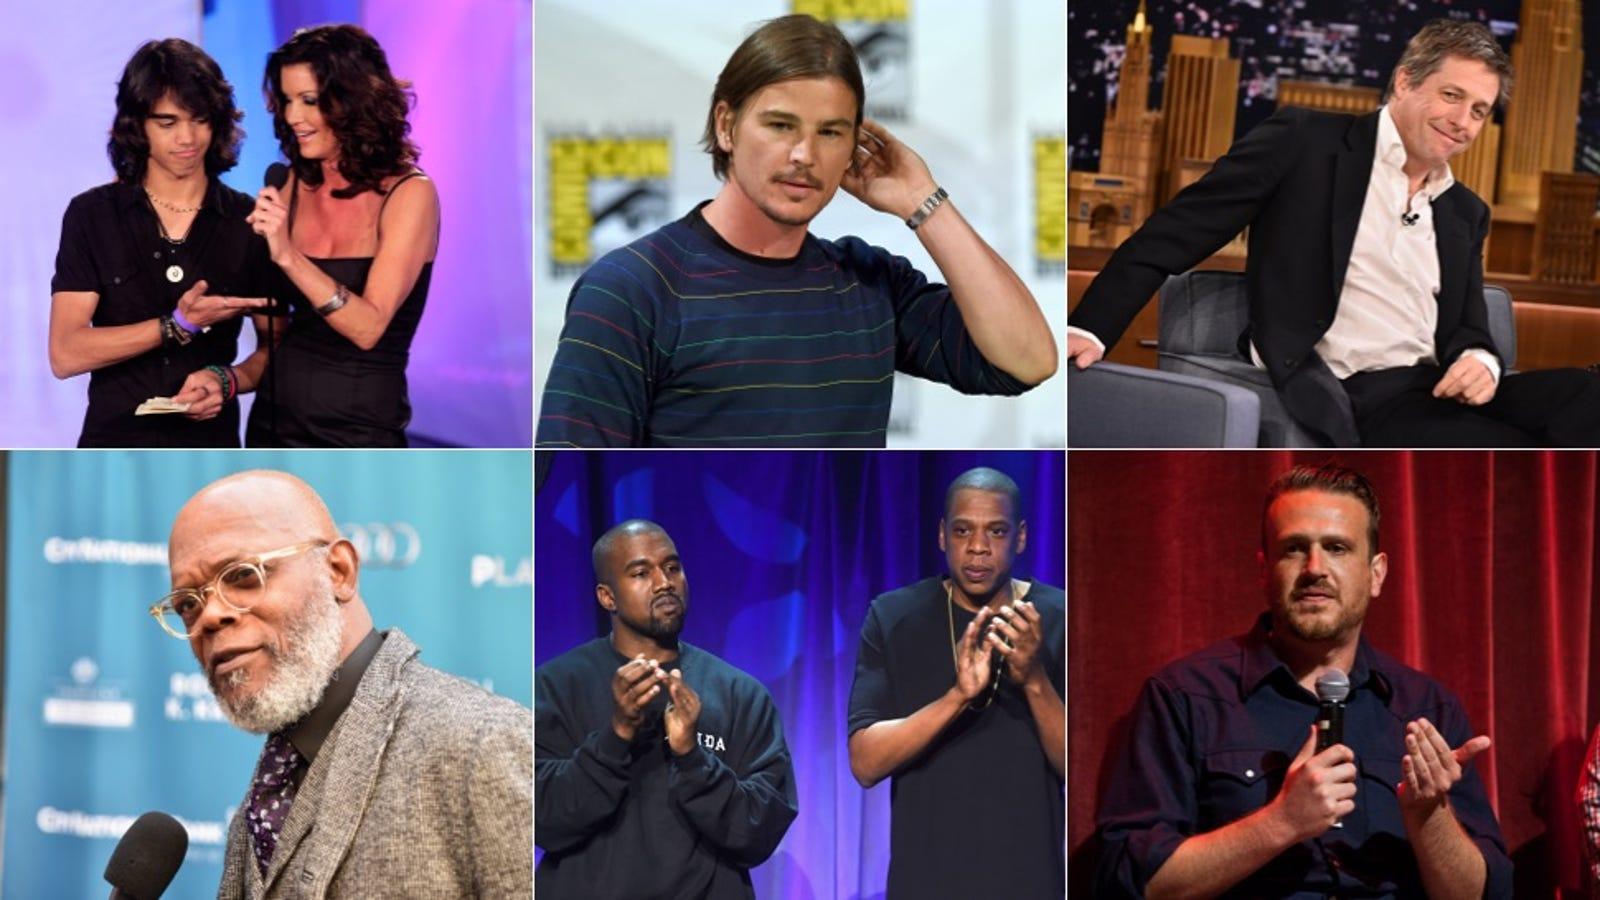 Who was your saddest celebrity encounter? : AskReddit